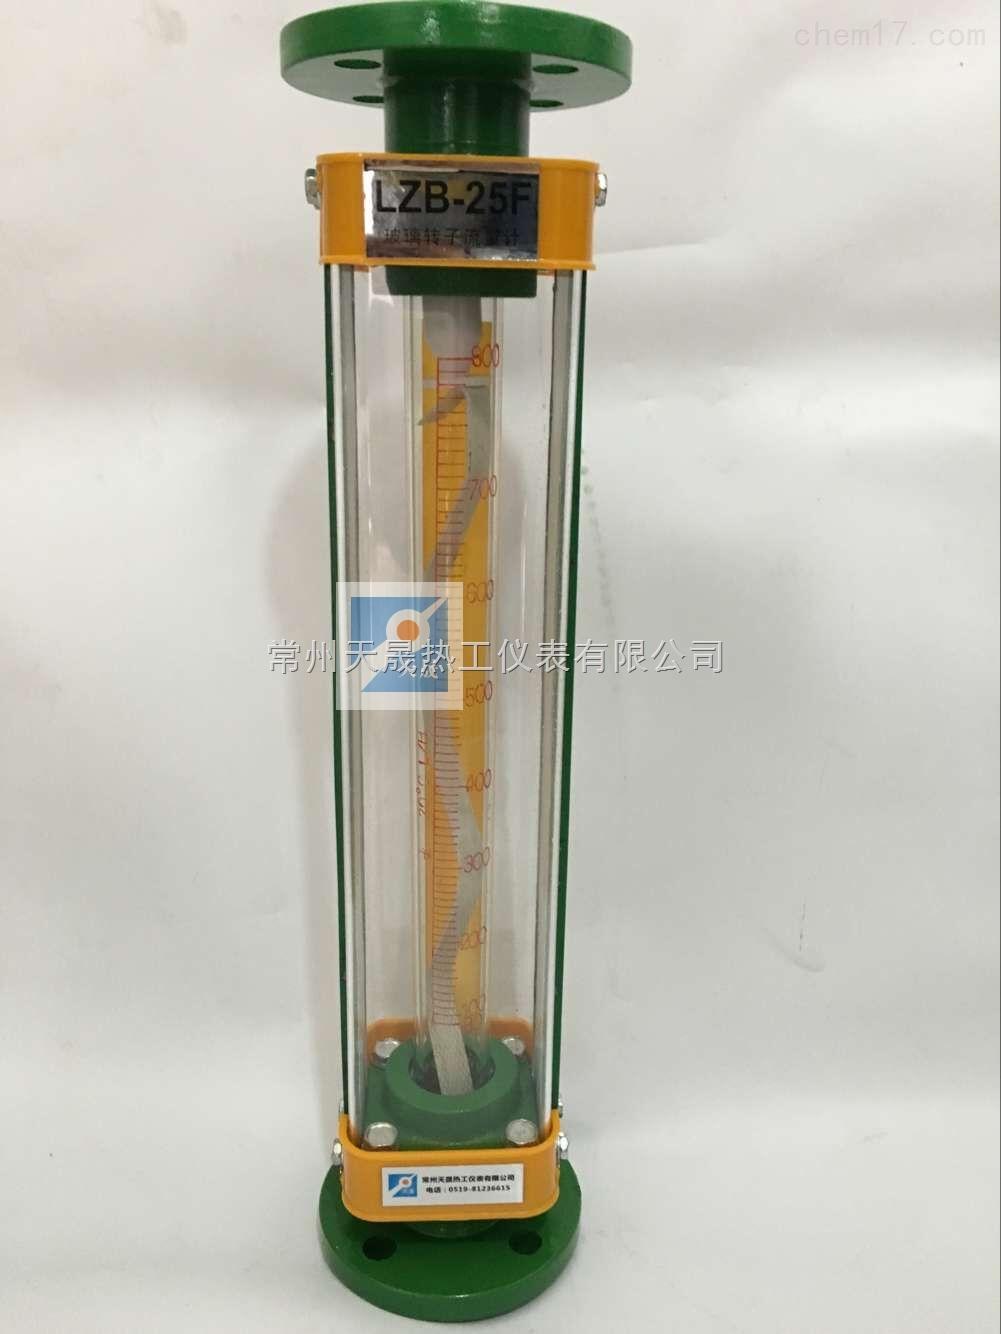 销售 LZB-25F玻璃转子流量计 气体1-10立方/小时